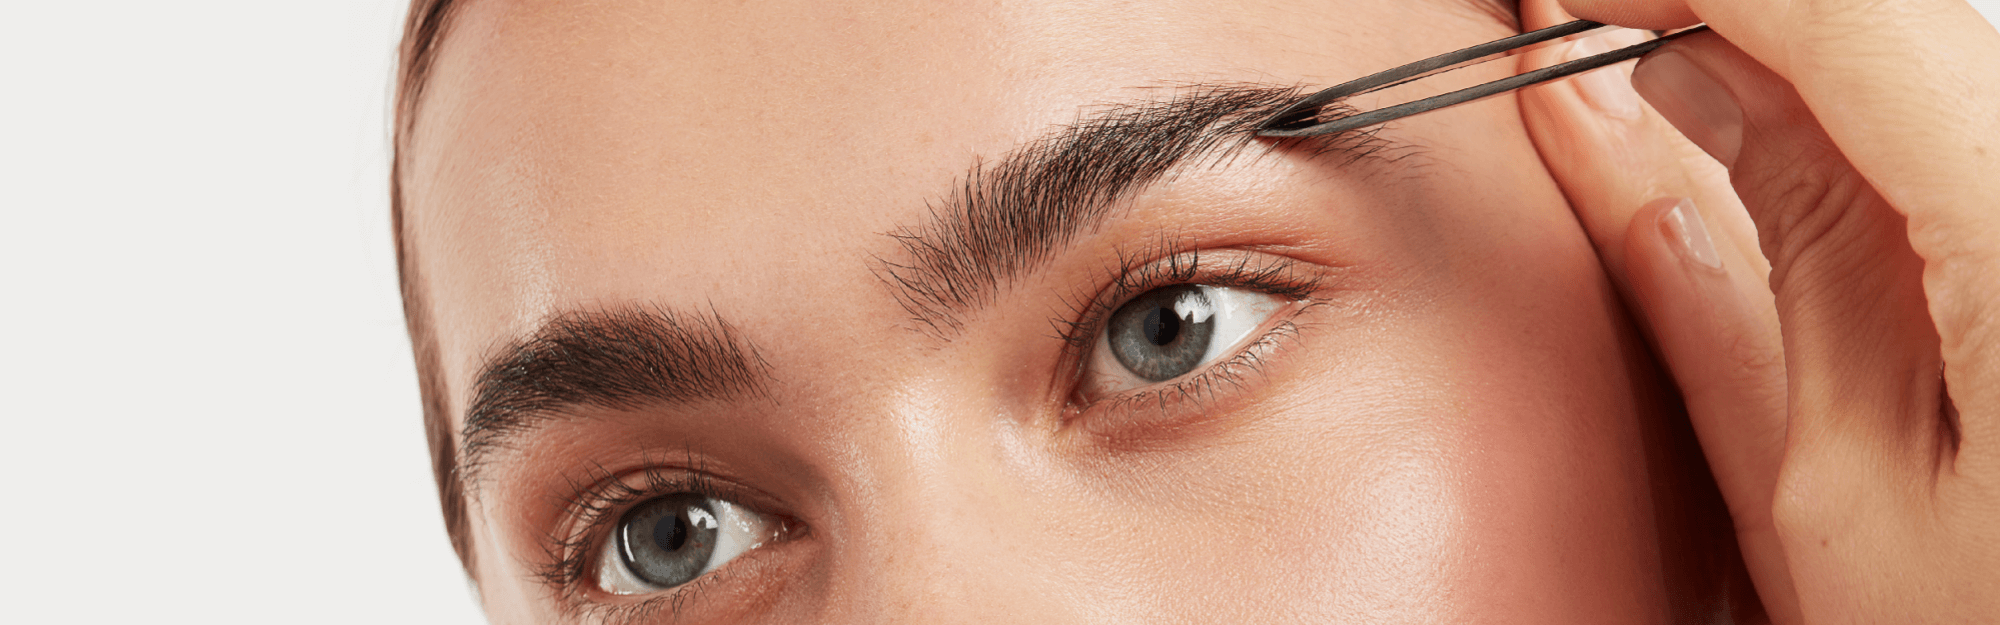 women plucking brows with eyeko tweezers